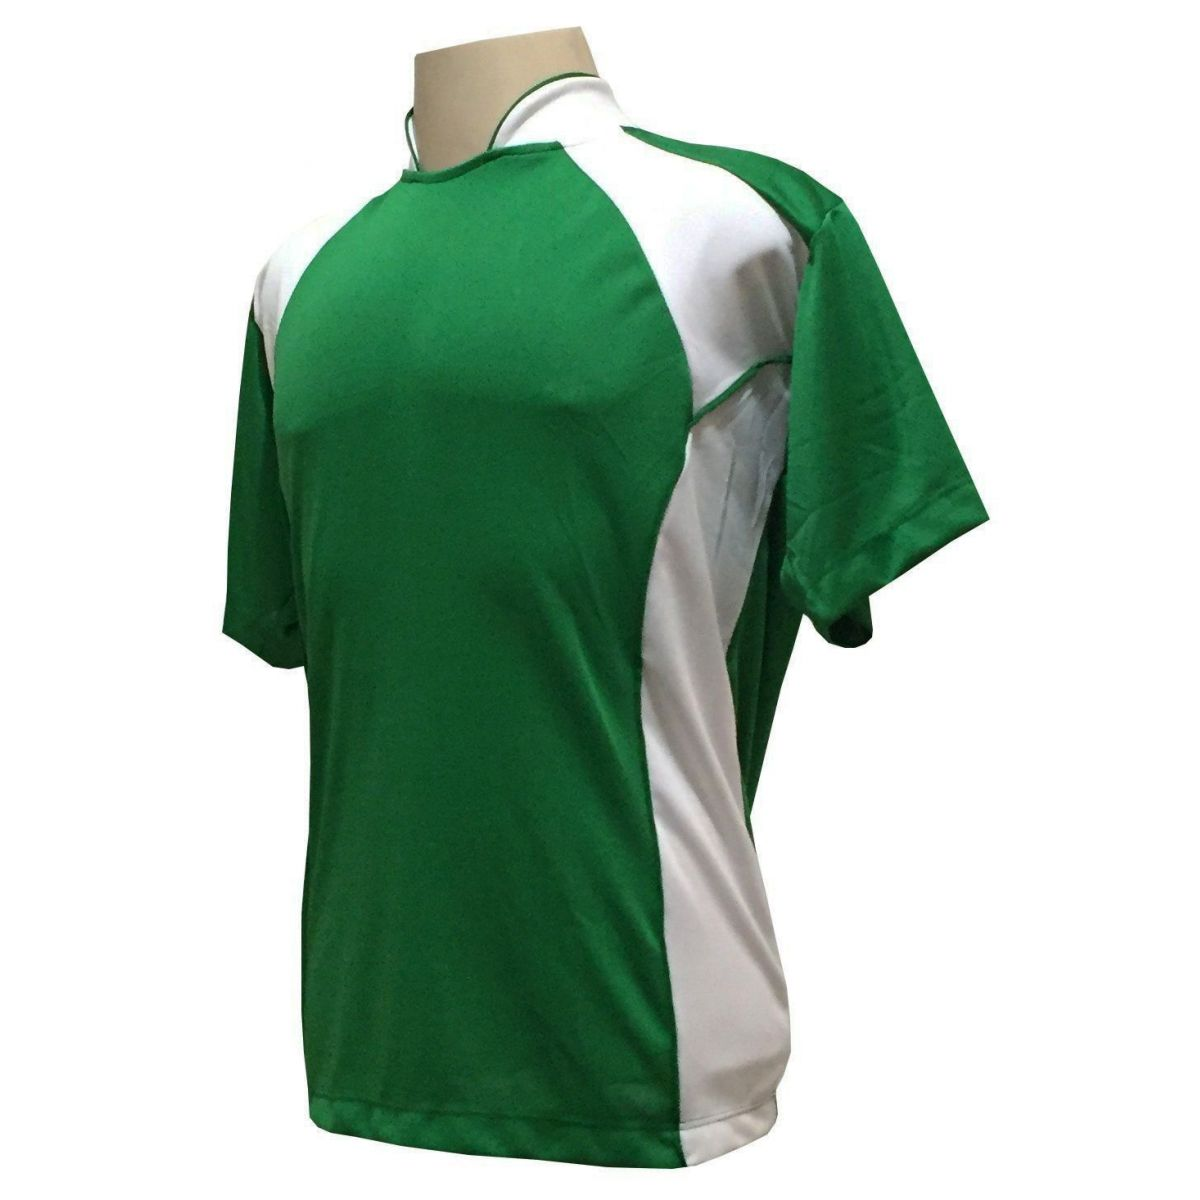 Uniforme Esportivo com 14 Camisas modelo Suécia Verde/Branco + 14 Calções modelo Madrid